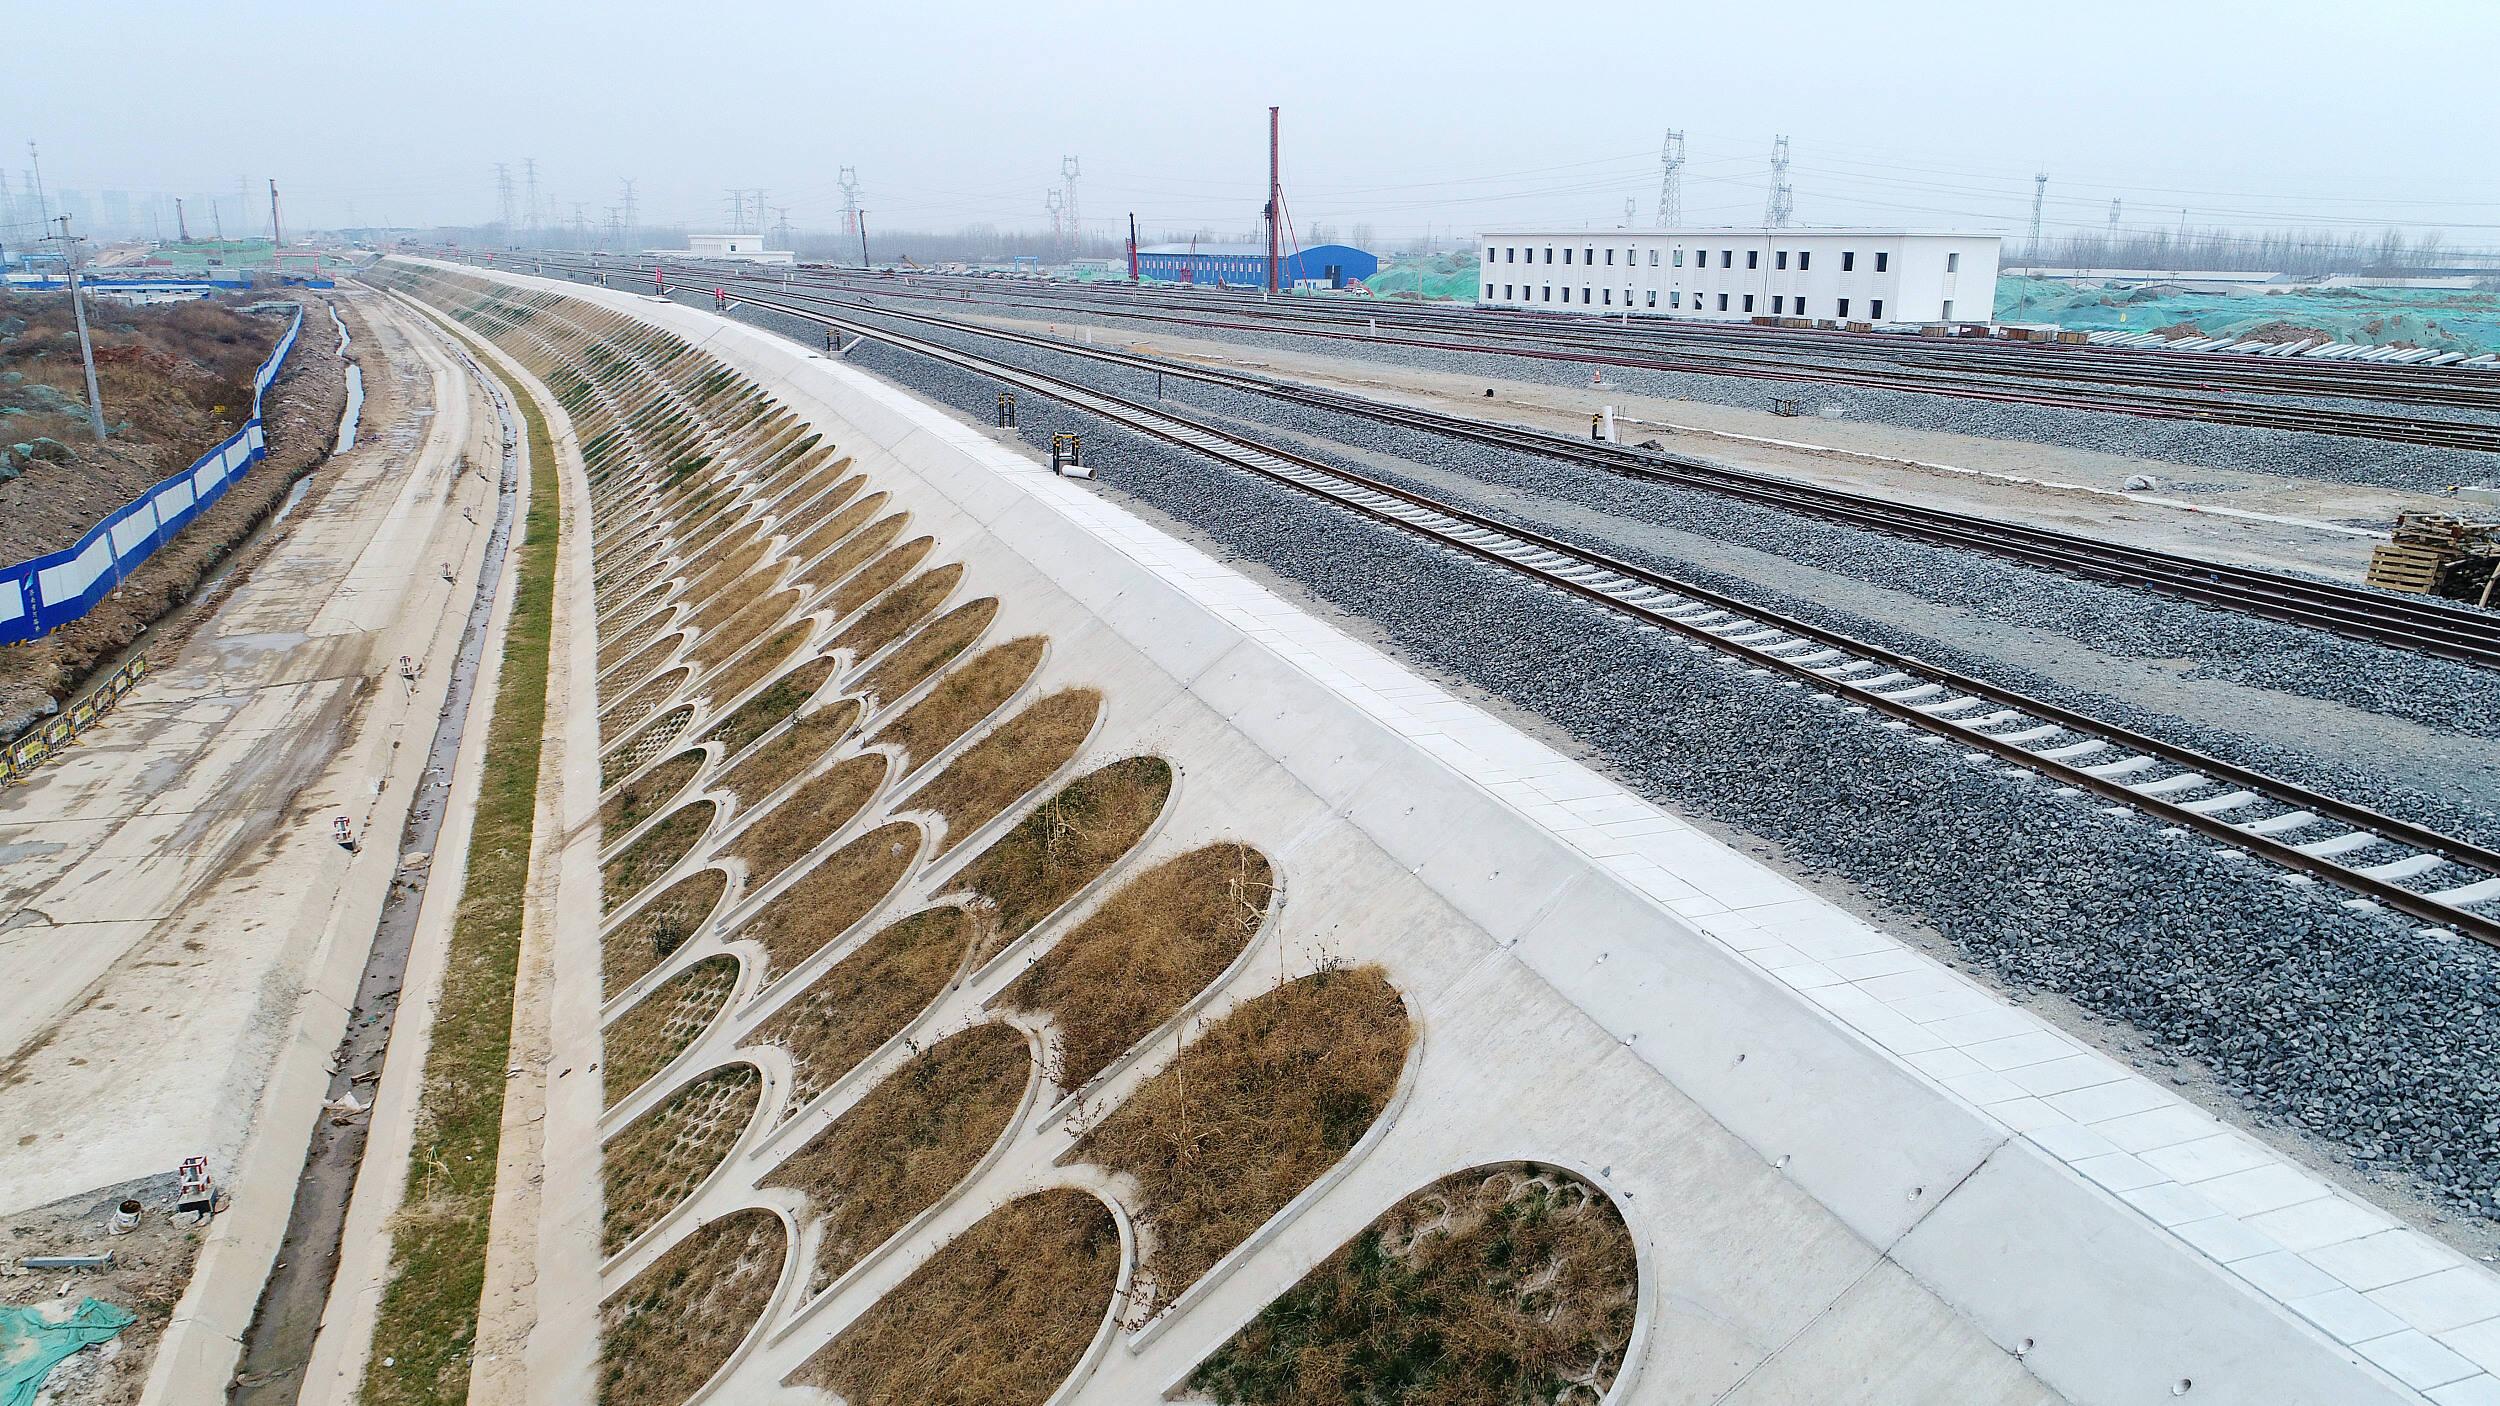 聚焦区县两会丨2021年济南市历城区坚持项目为王 重点推进年度投资469亿元的79个产业项目